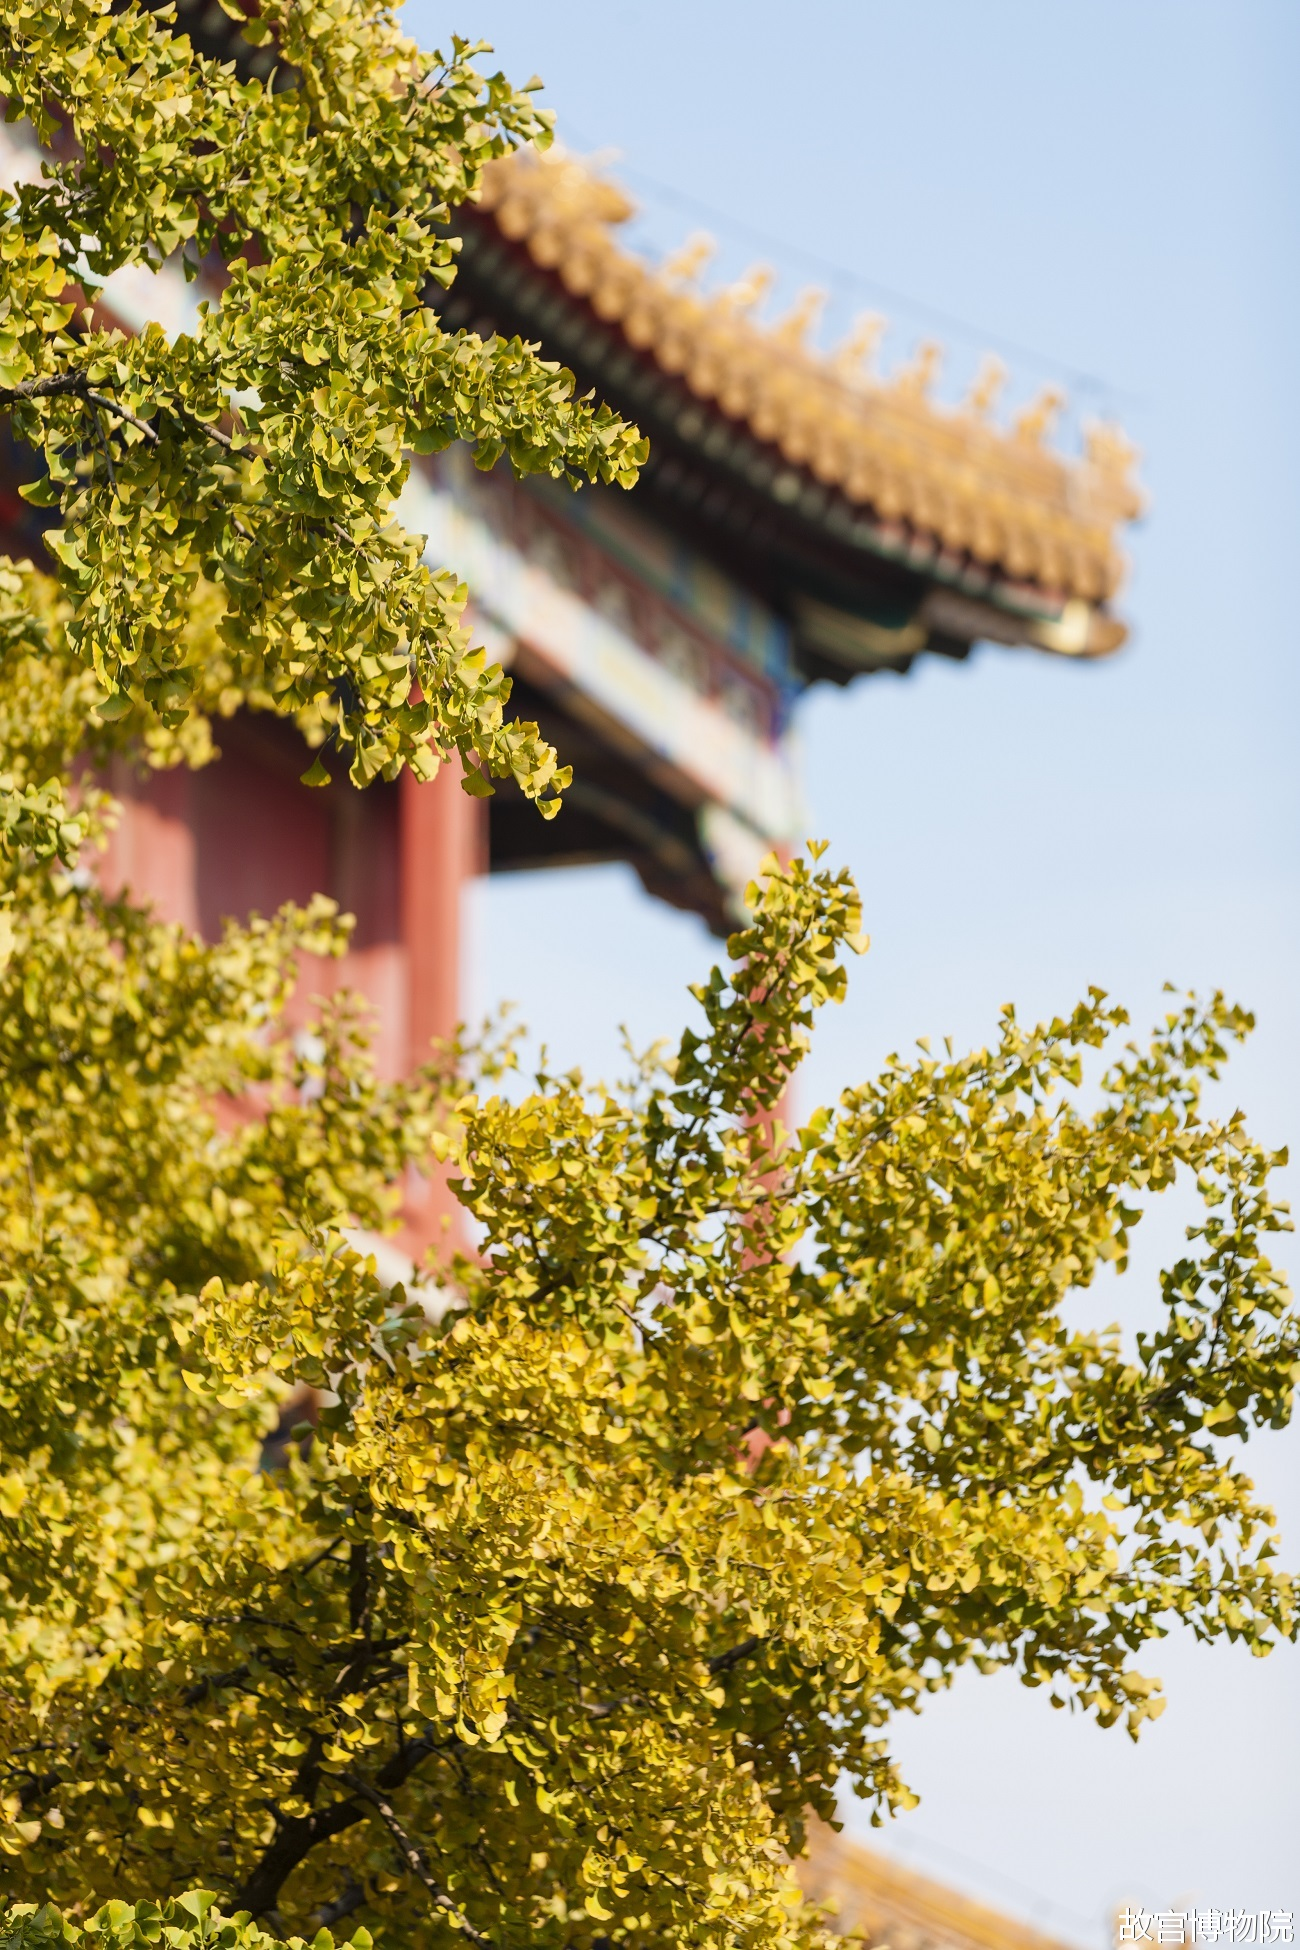 Photos: Golden autumn scenery of Forbidden City